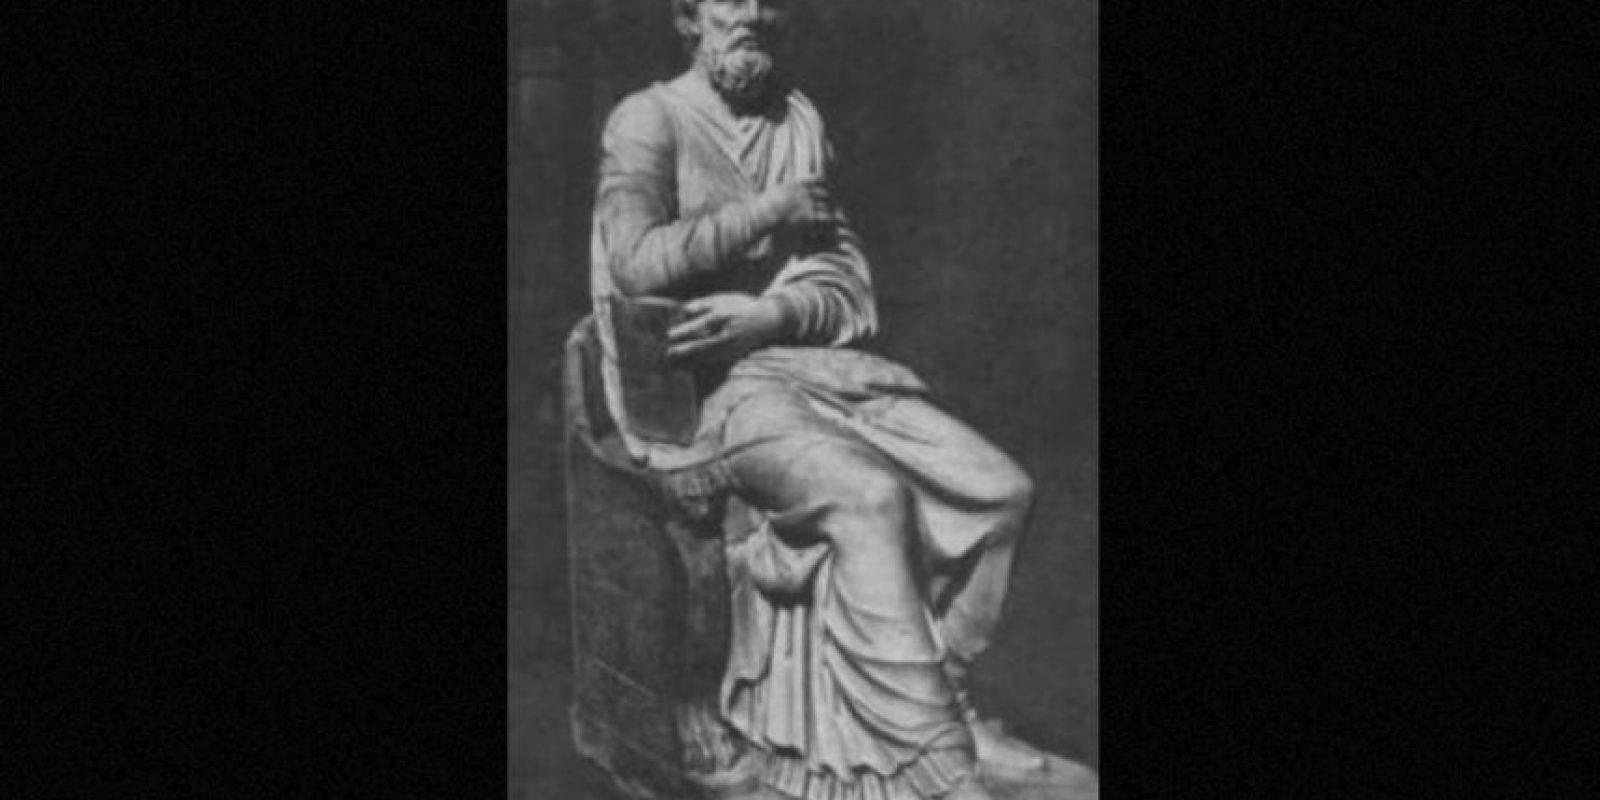 Luego, San Hipólito vaticinó que Jesús retornaría para el año 500. Escribió todo 300 años antes. Foto: vía Wikipedia